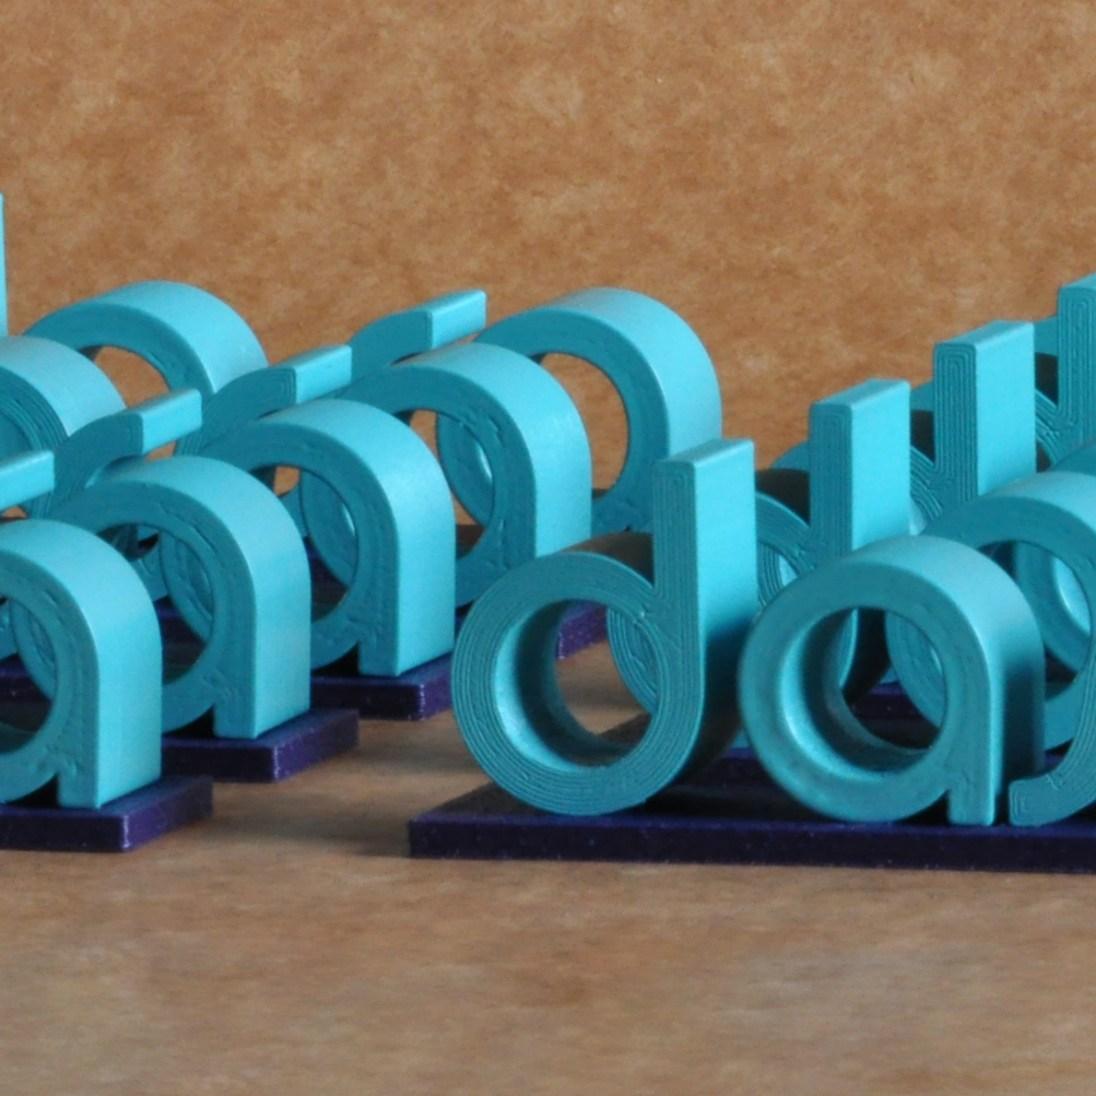 10-logos-dasa1